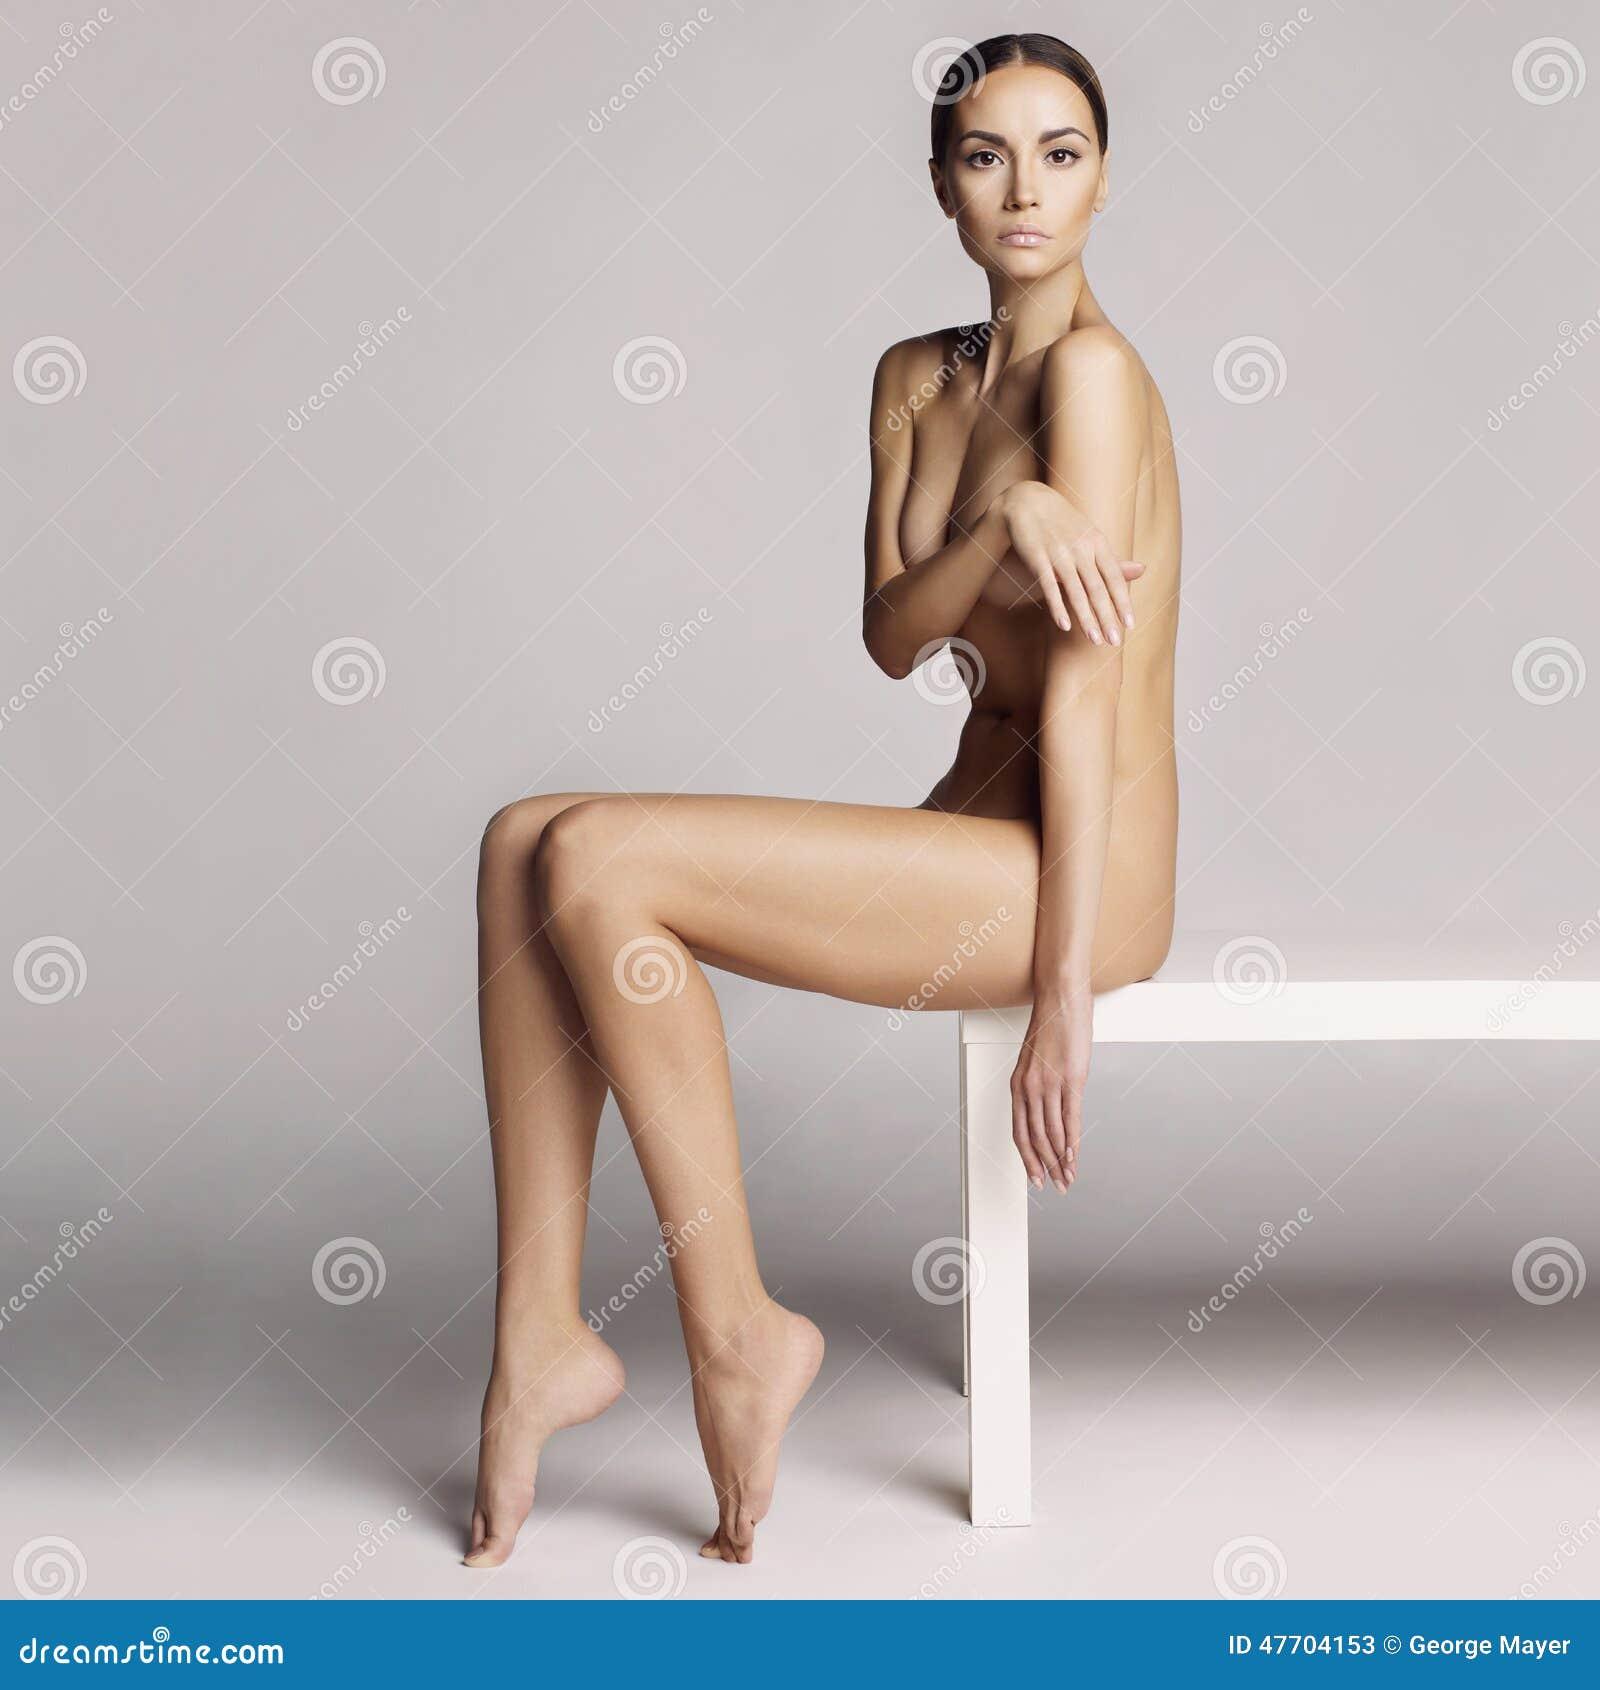 Elegant beautiful sitting lady on white background.